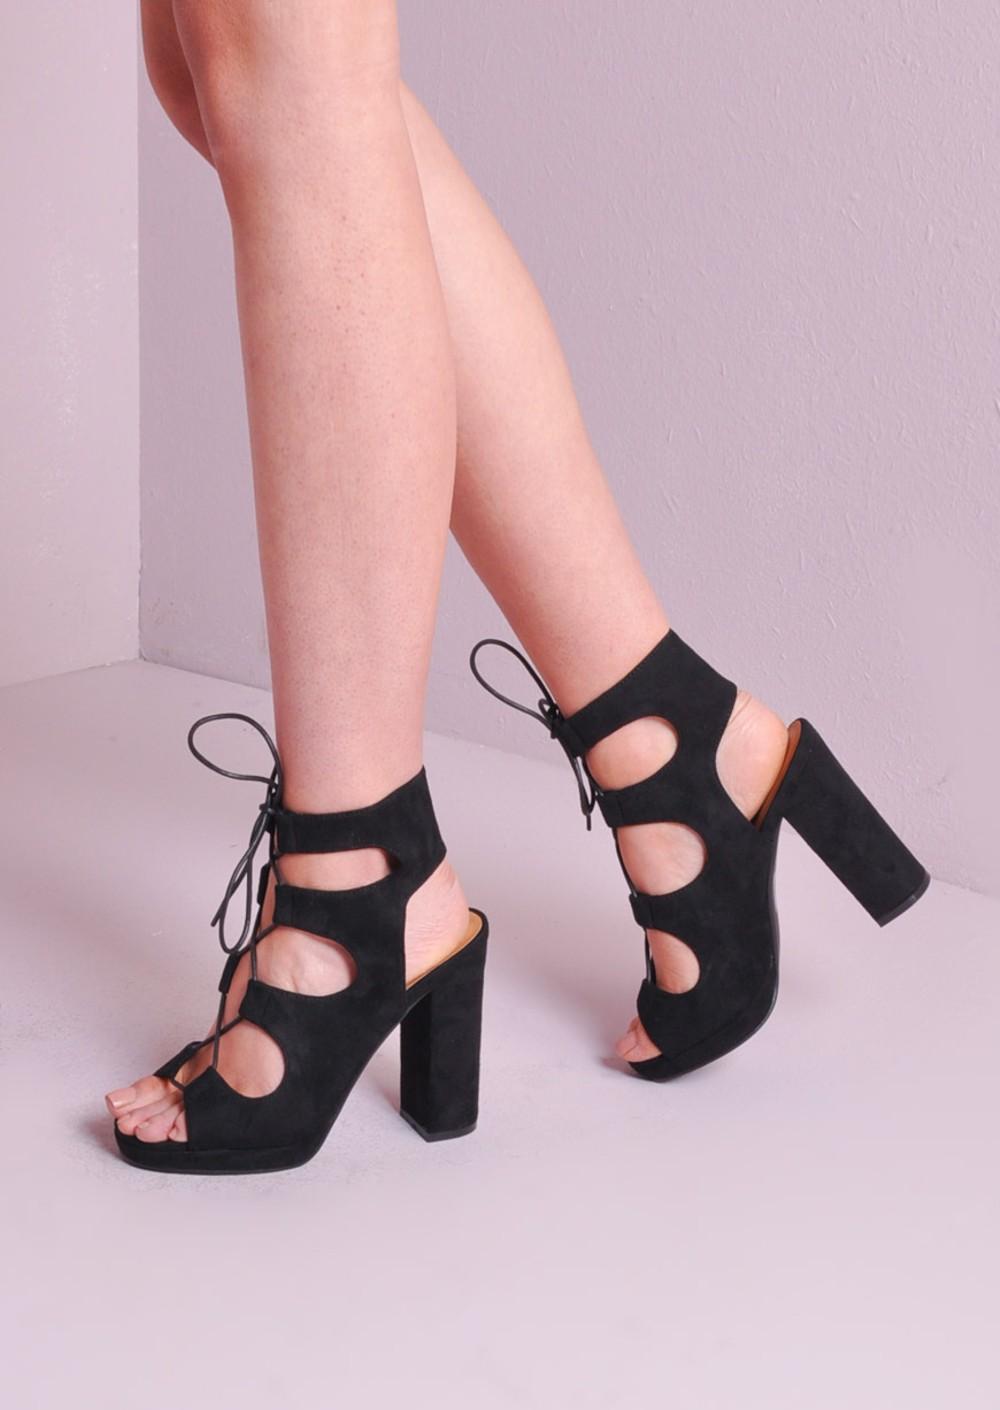 Lace Up Gladiator Block Platform Heel Sandals Shoes Black